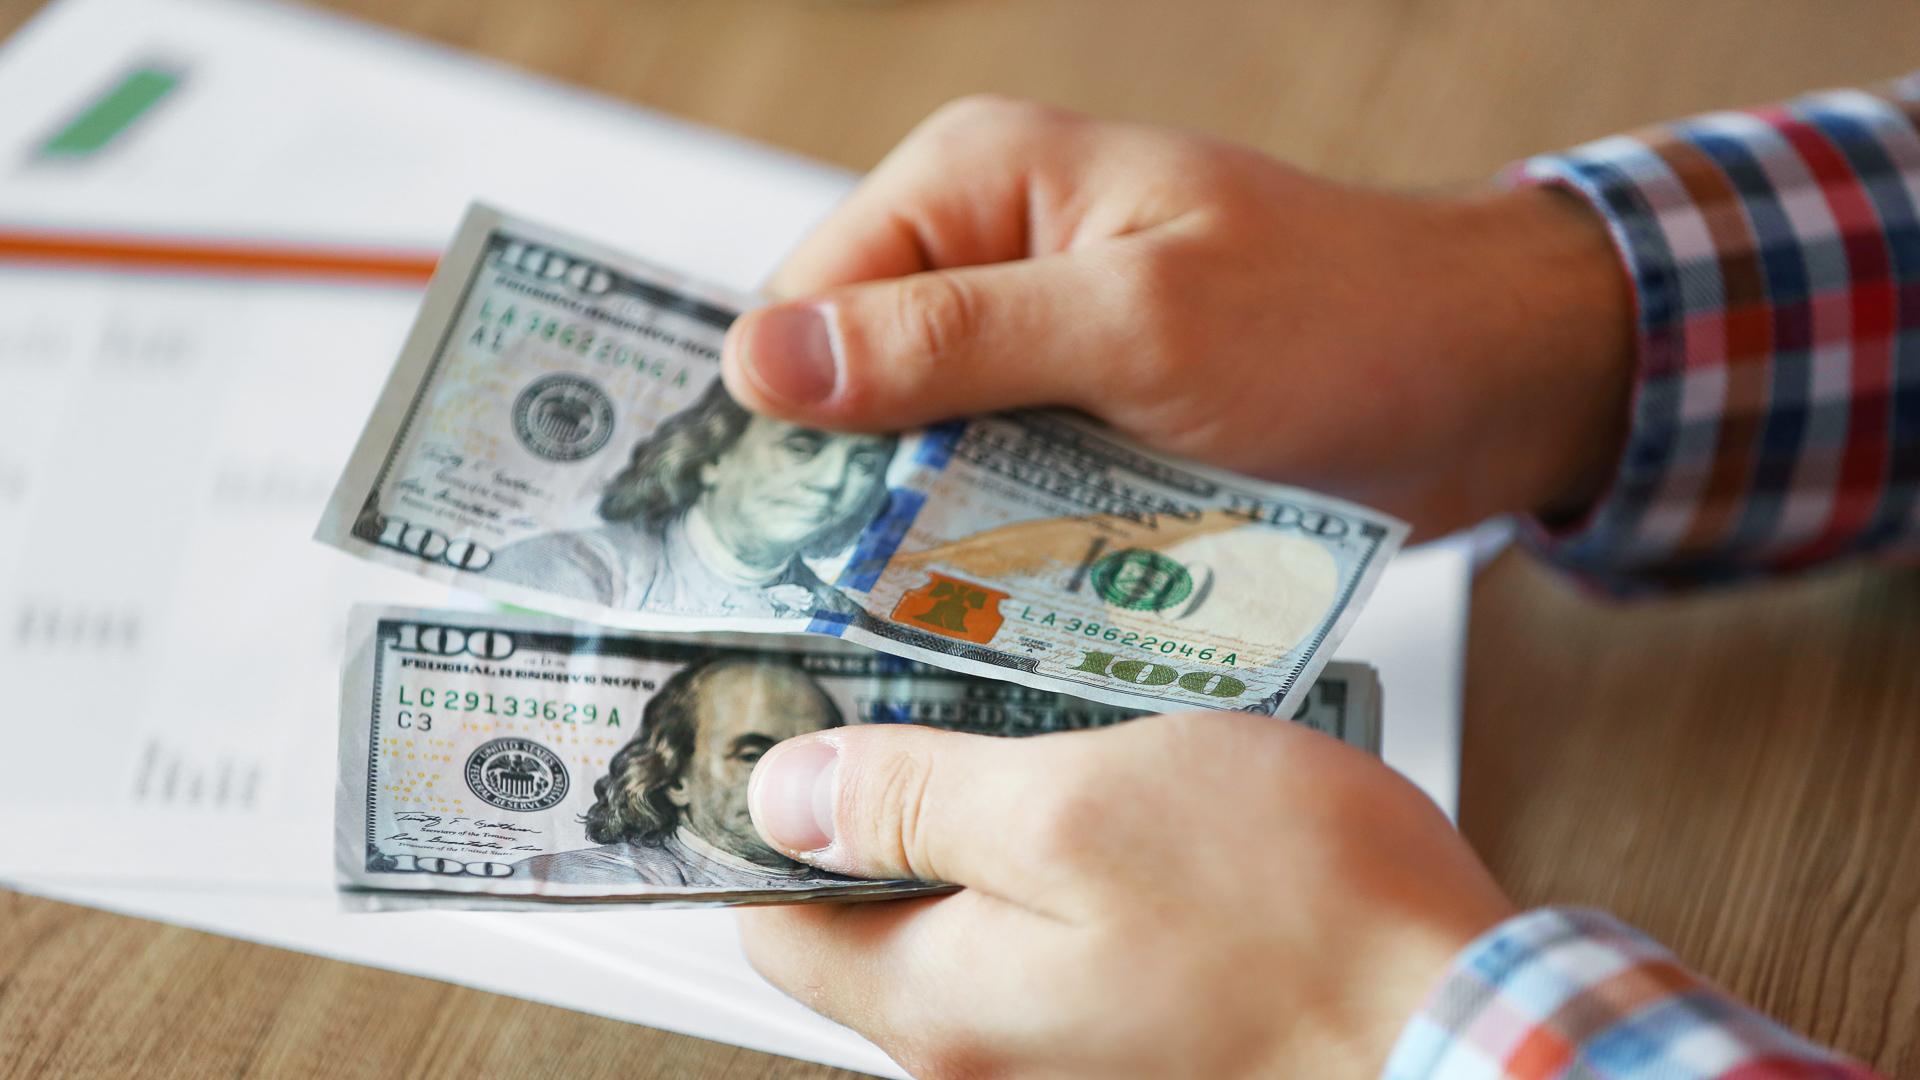 Cash loans centres picture 5